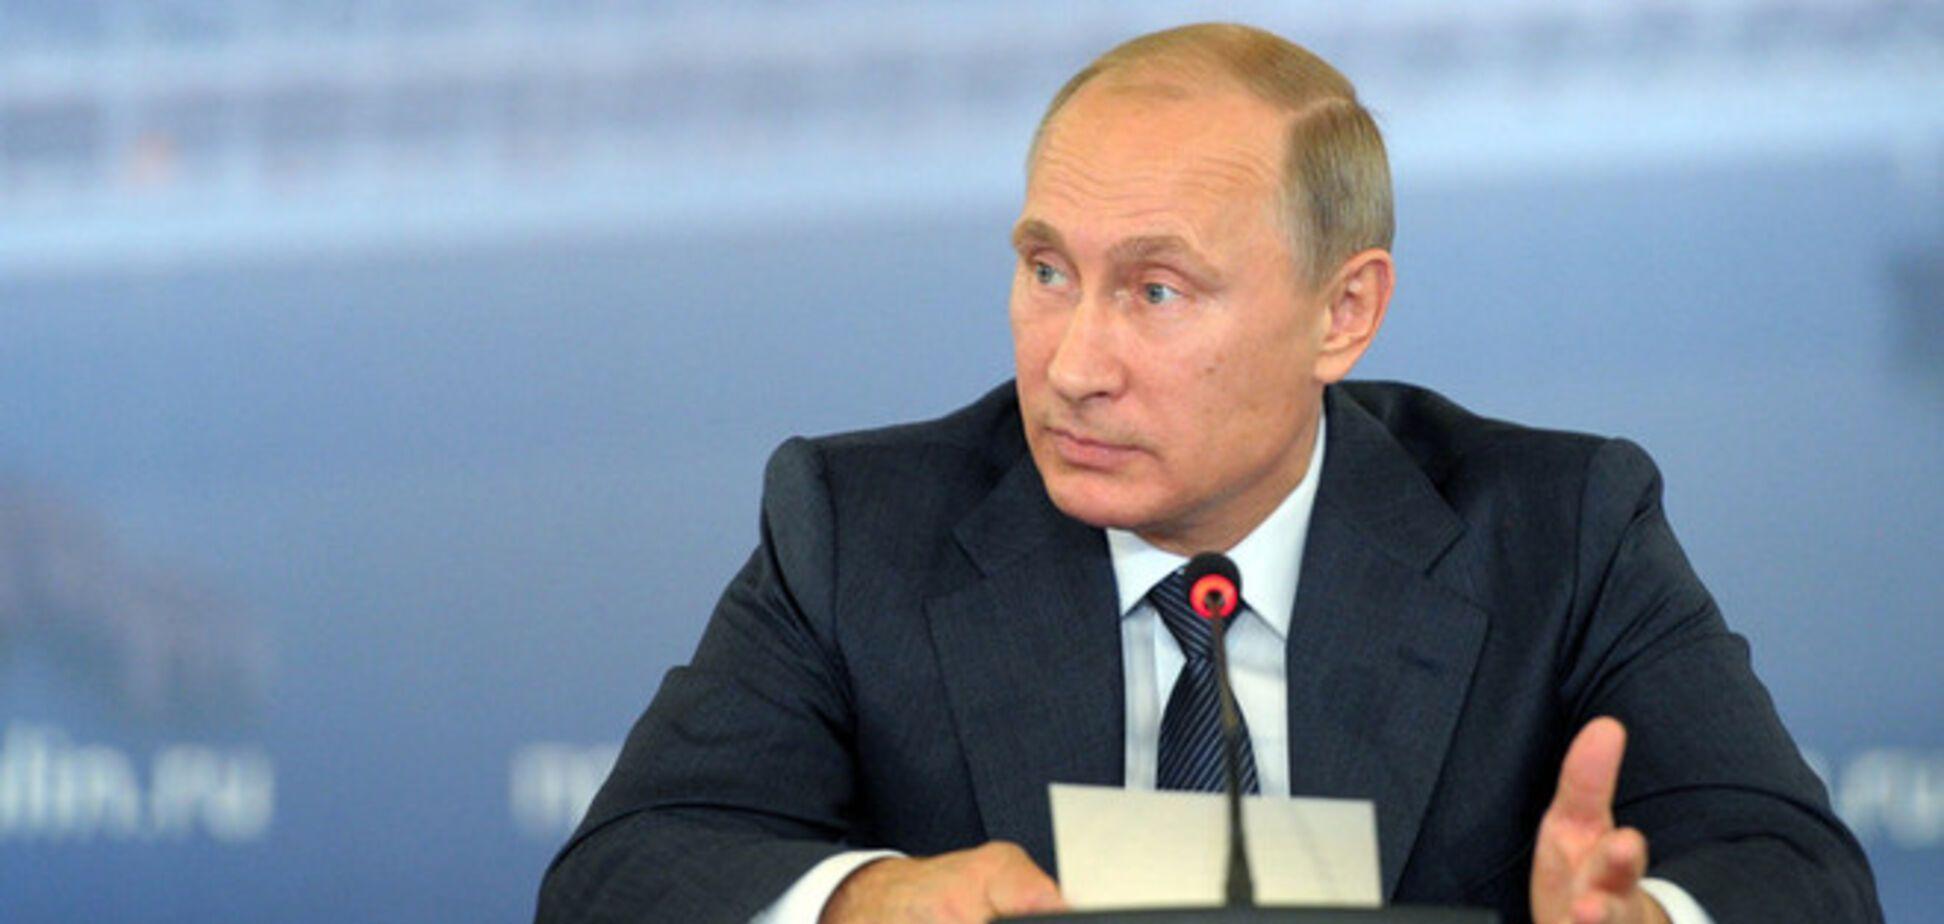 Сторонникам Путина дали команду изобразить полную деградацию мозга - российский политик